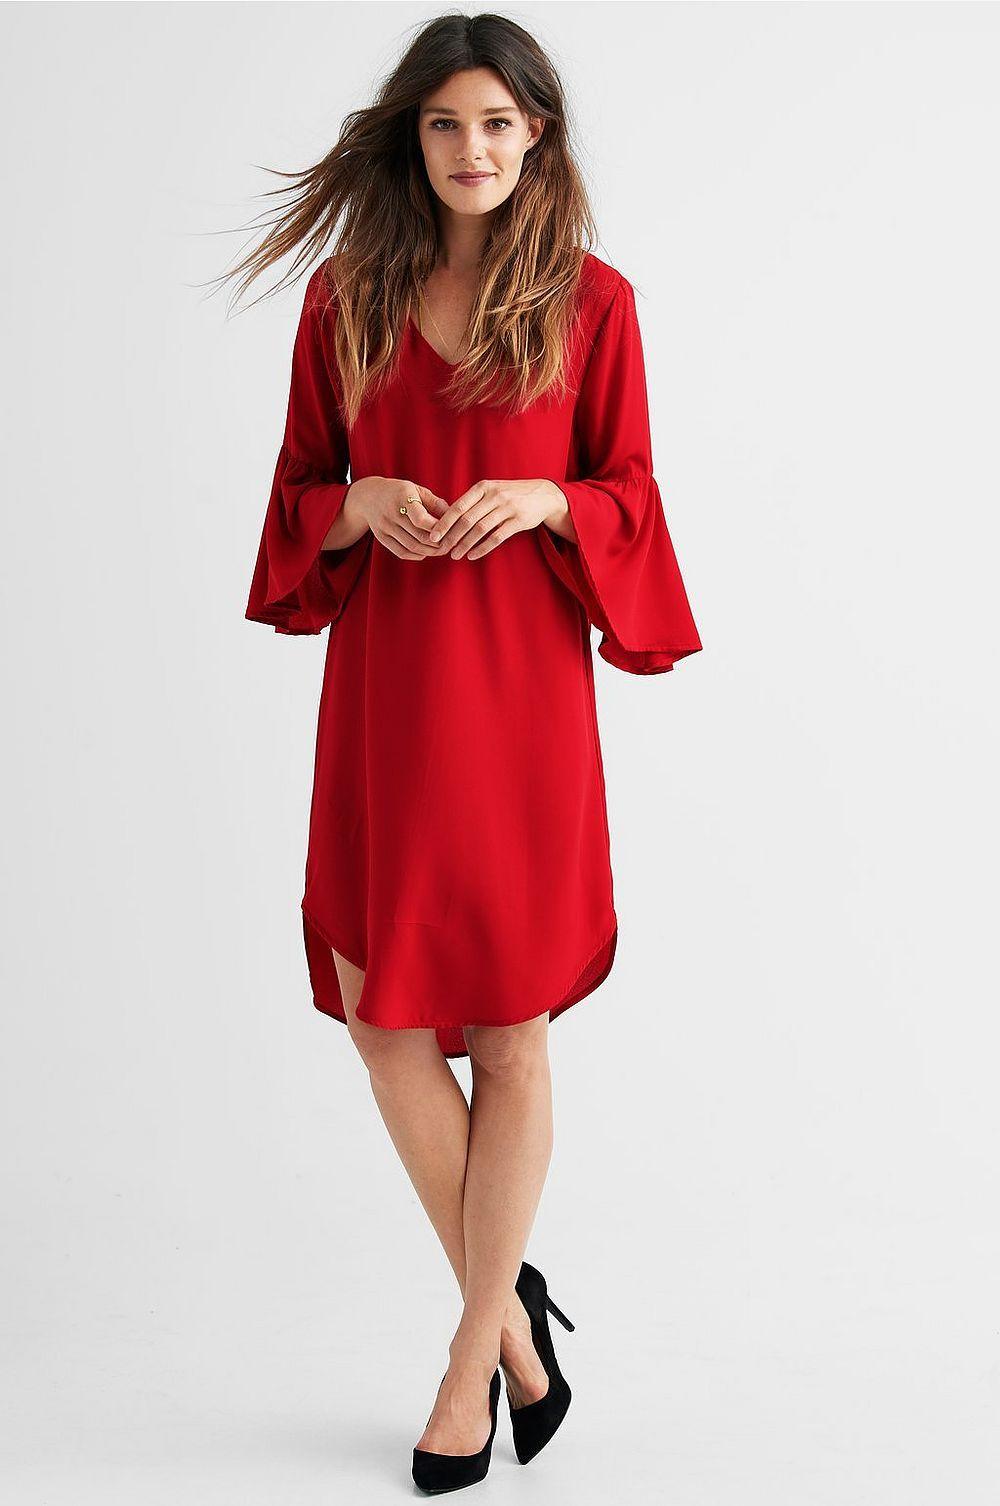 shoppa klänning online